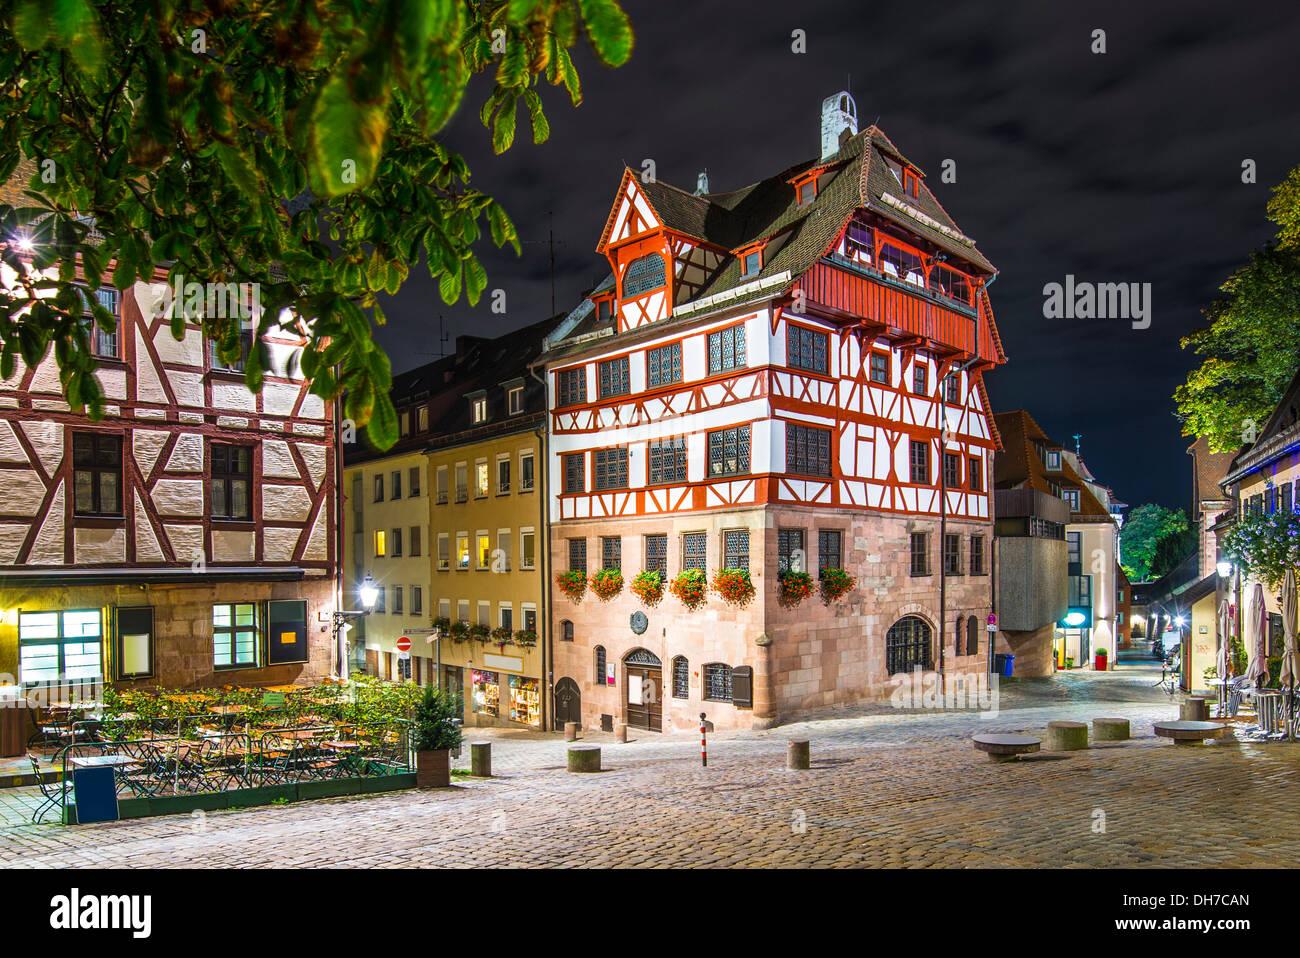 Albrecht Durer House in Nuremberg, Germany. - Stock Image